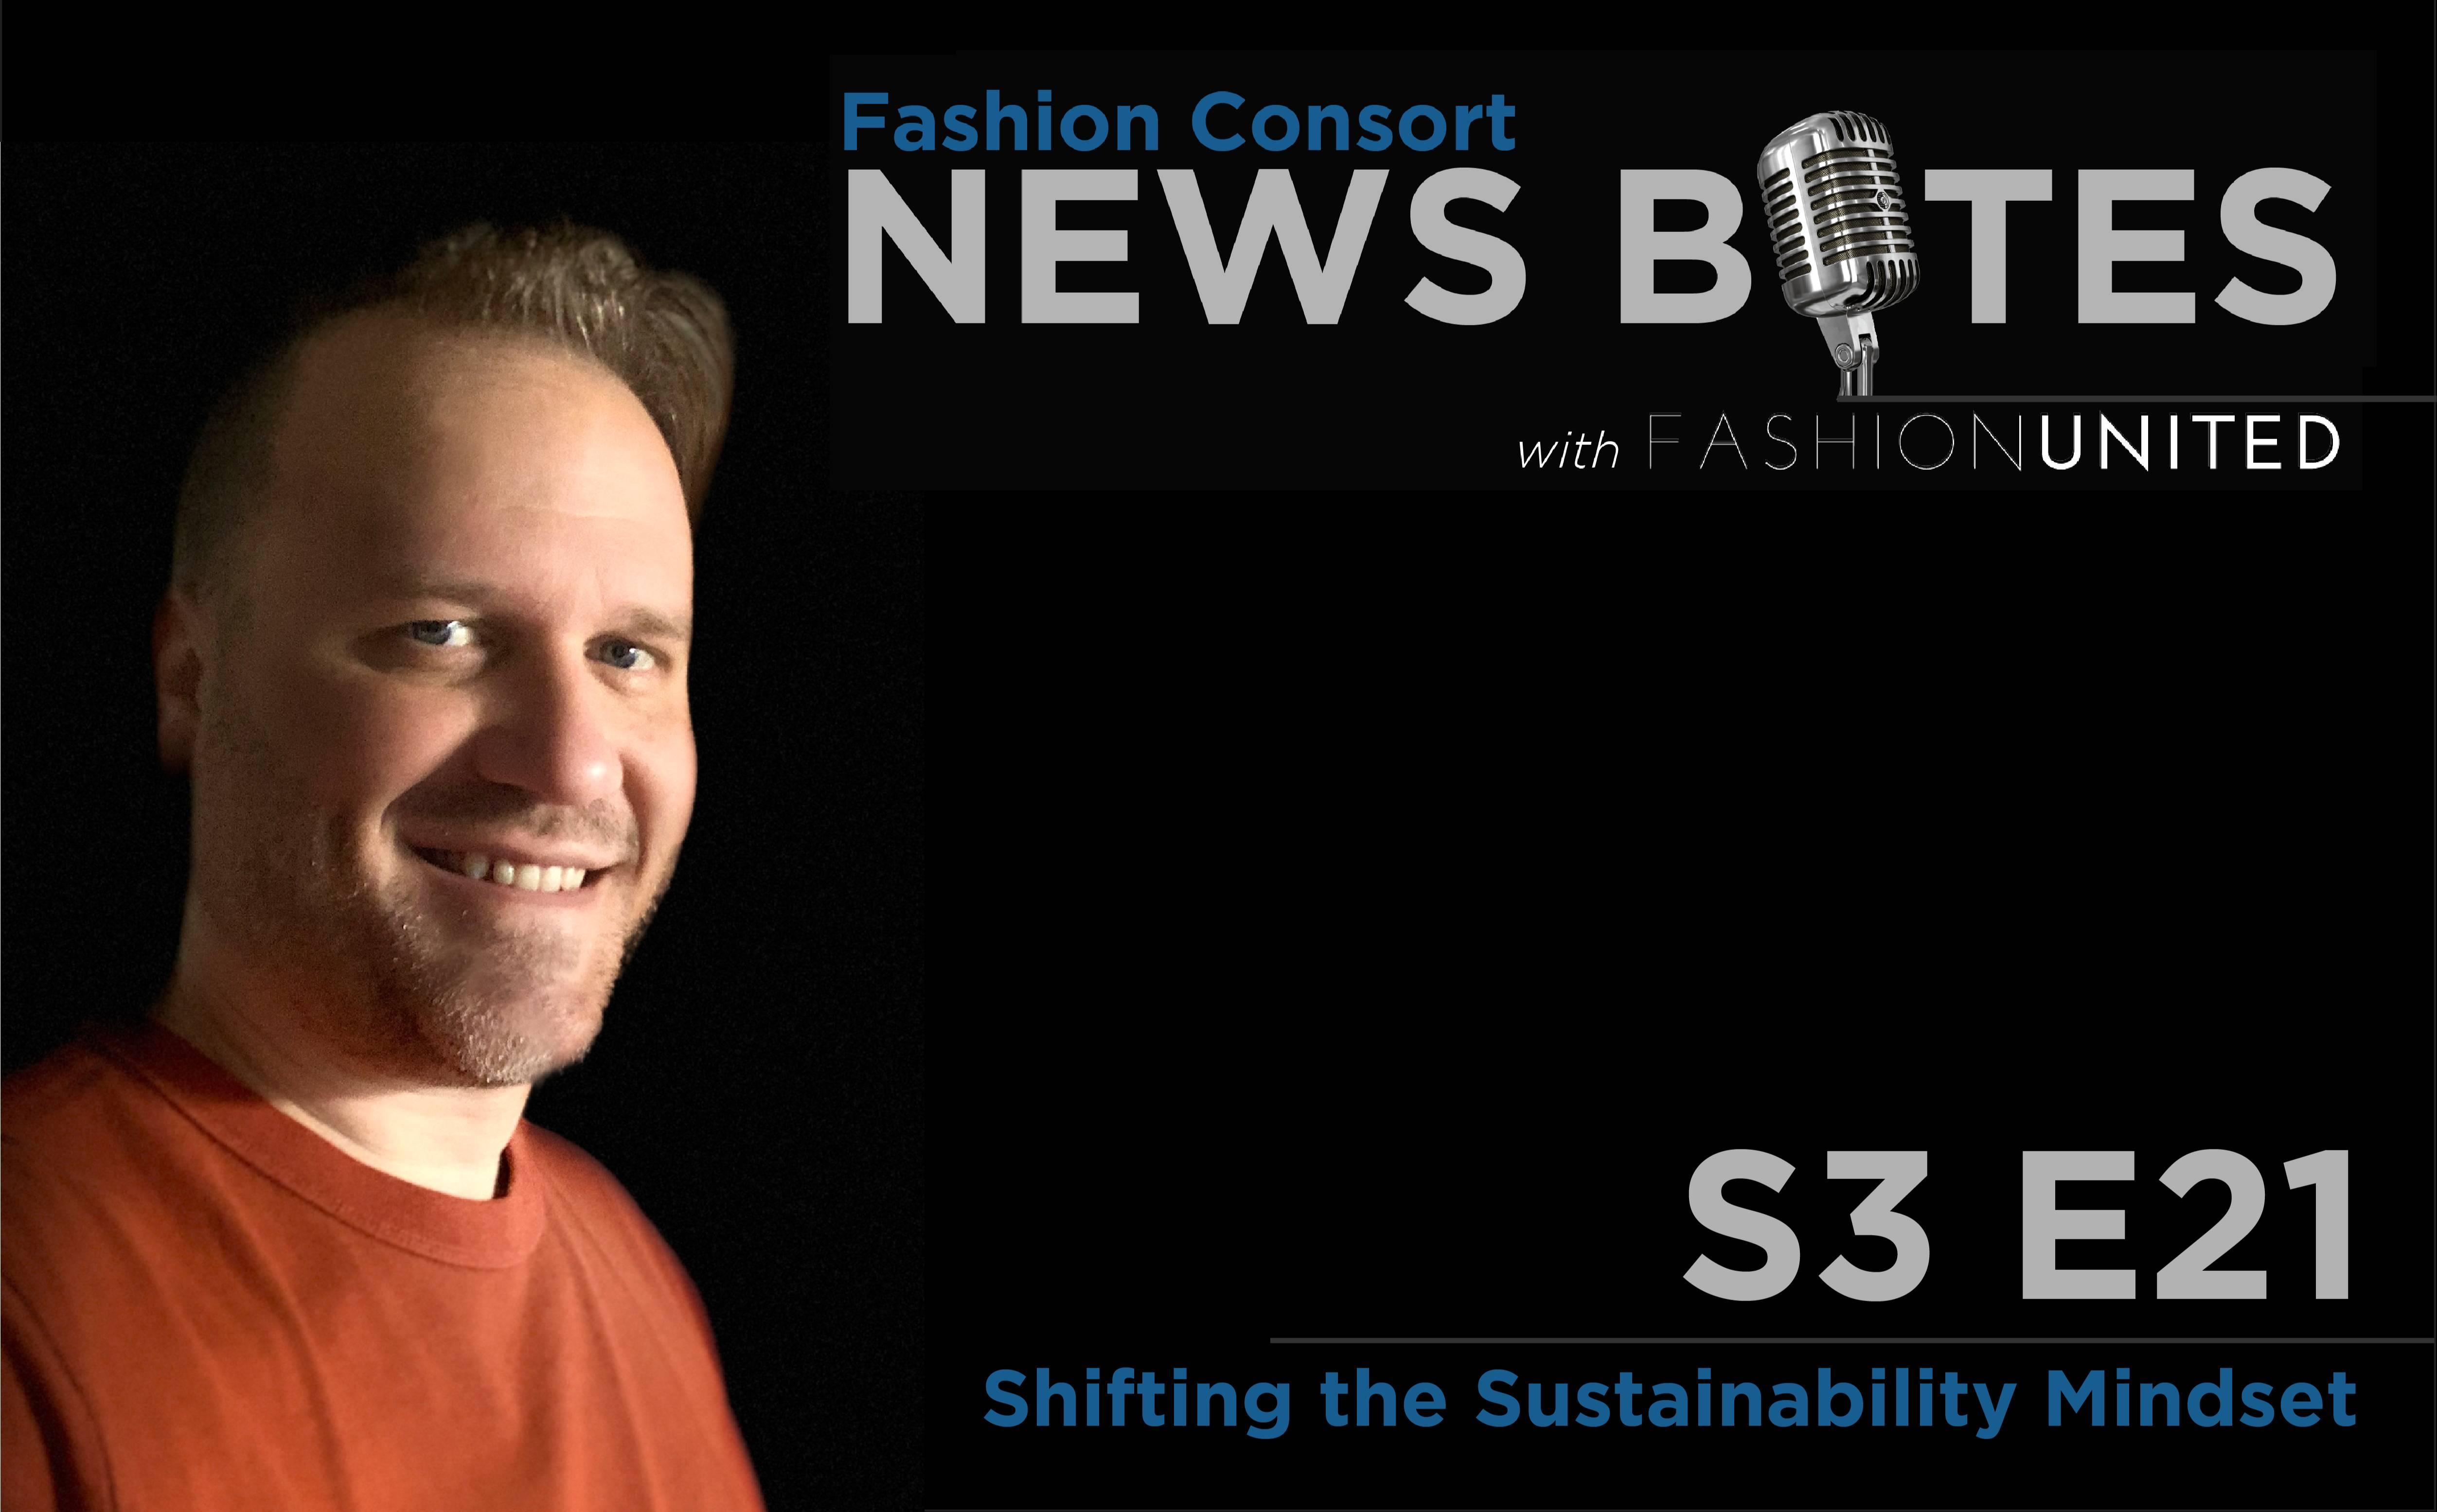 Shifting the Sustainability Mindset